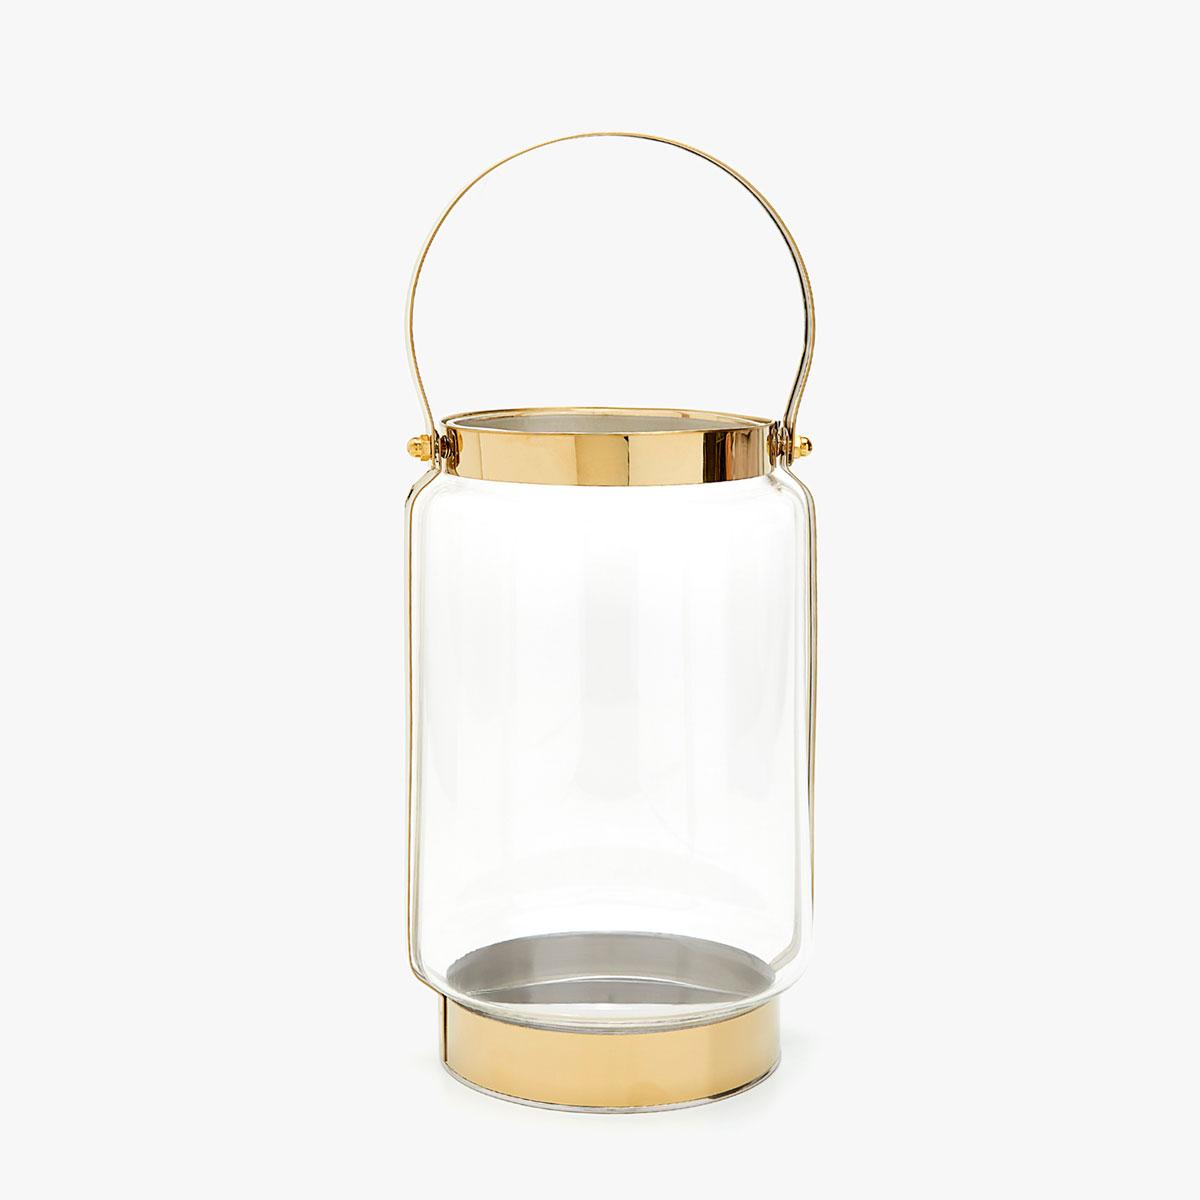 Lanterne en verre et métal - Lanternes - Décoration Zara Home France.jpg